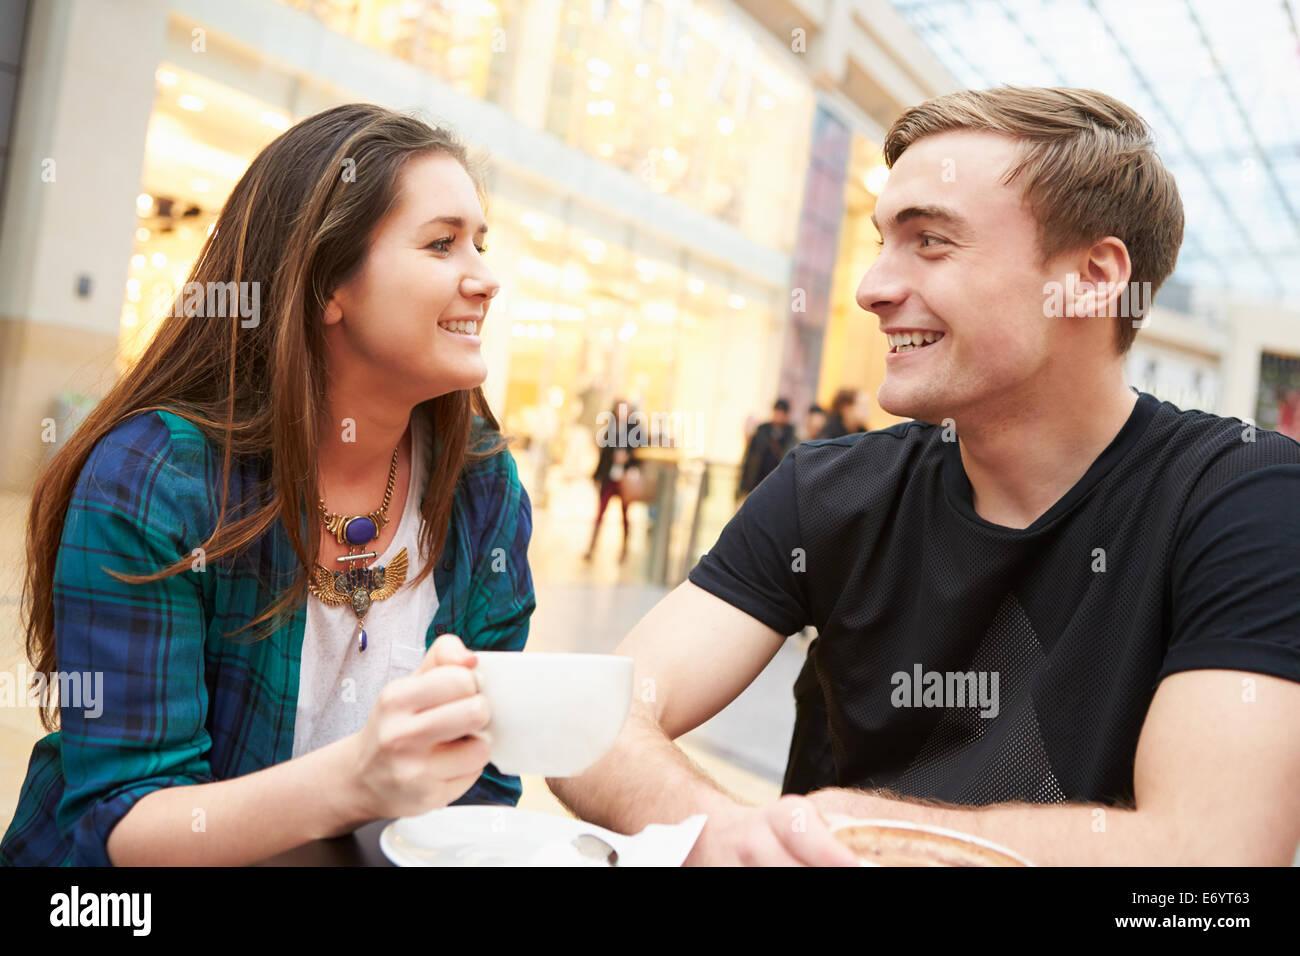 Coppia giovane incontro sulla data nel Café Immagini Stock